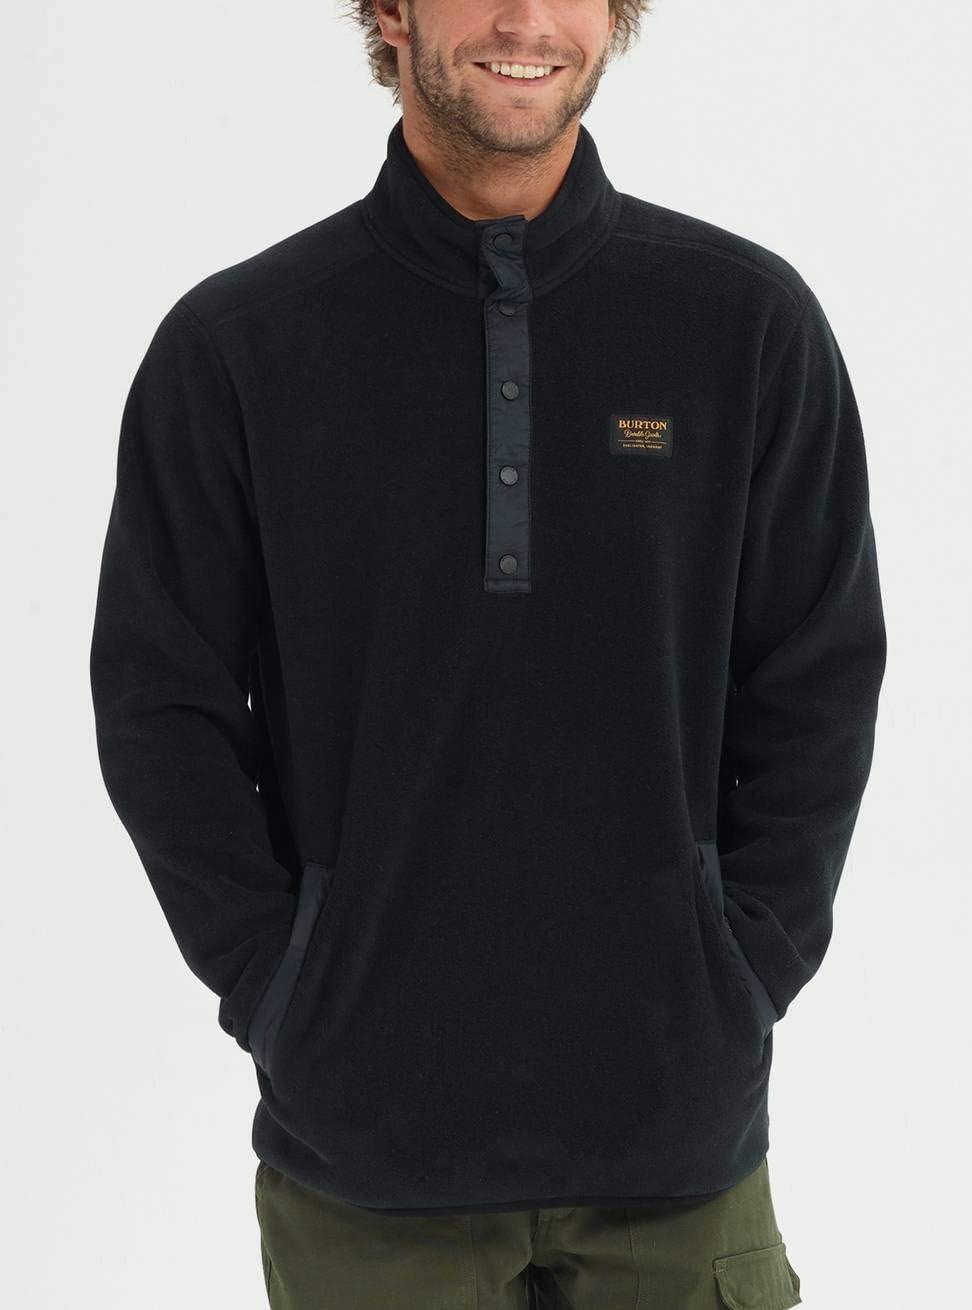 Burton Herren Hearth Fleece Pullover True Black